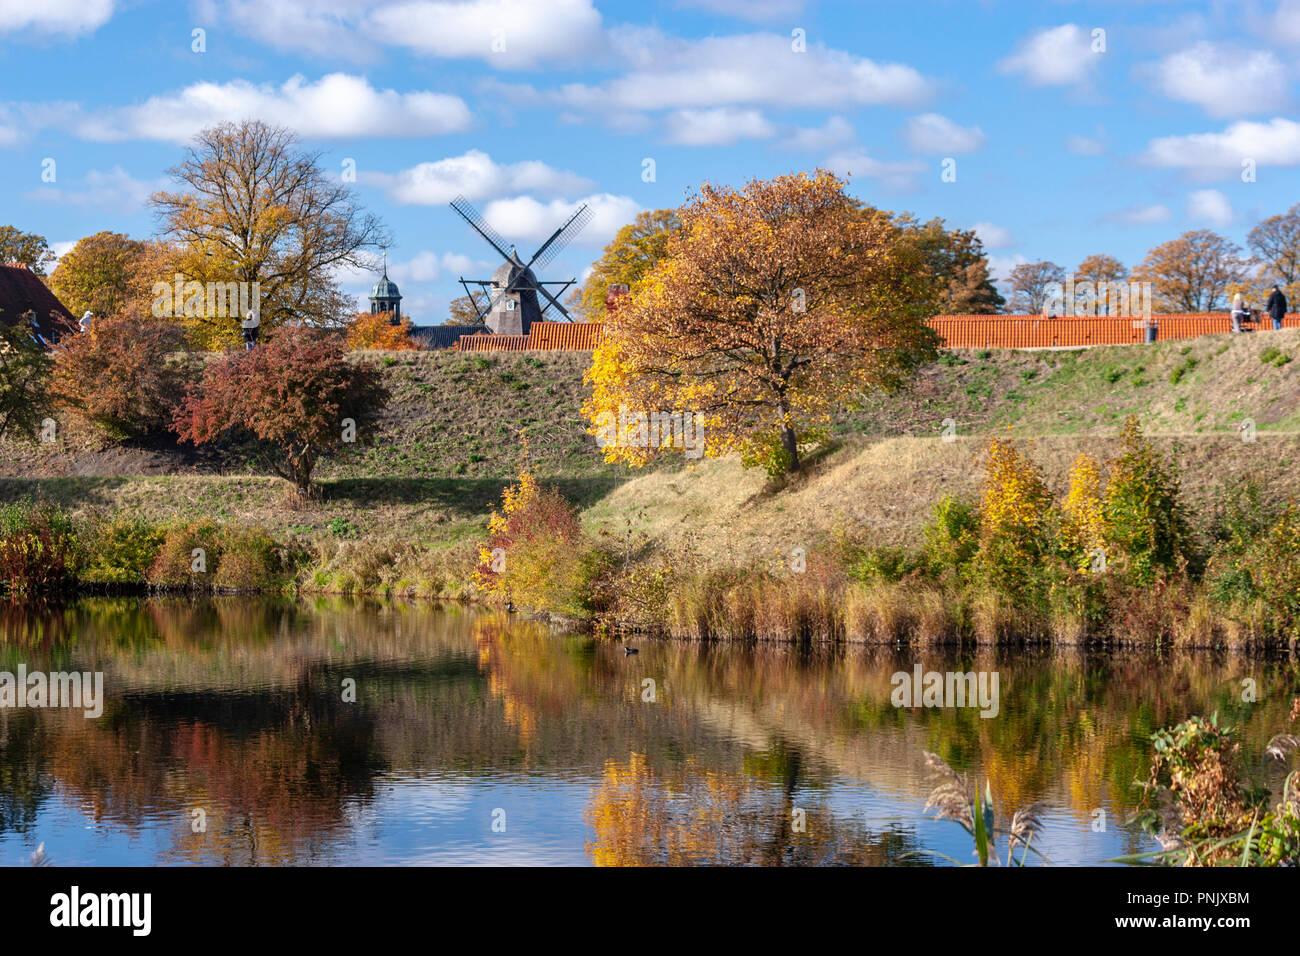 Kastelsmøllen, windmill, Kastellet, København, Denmark - Stock Image